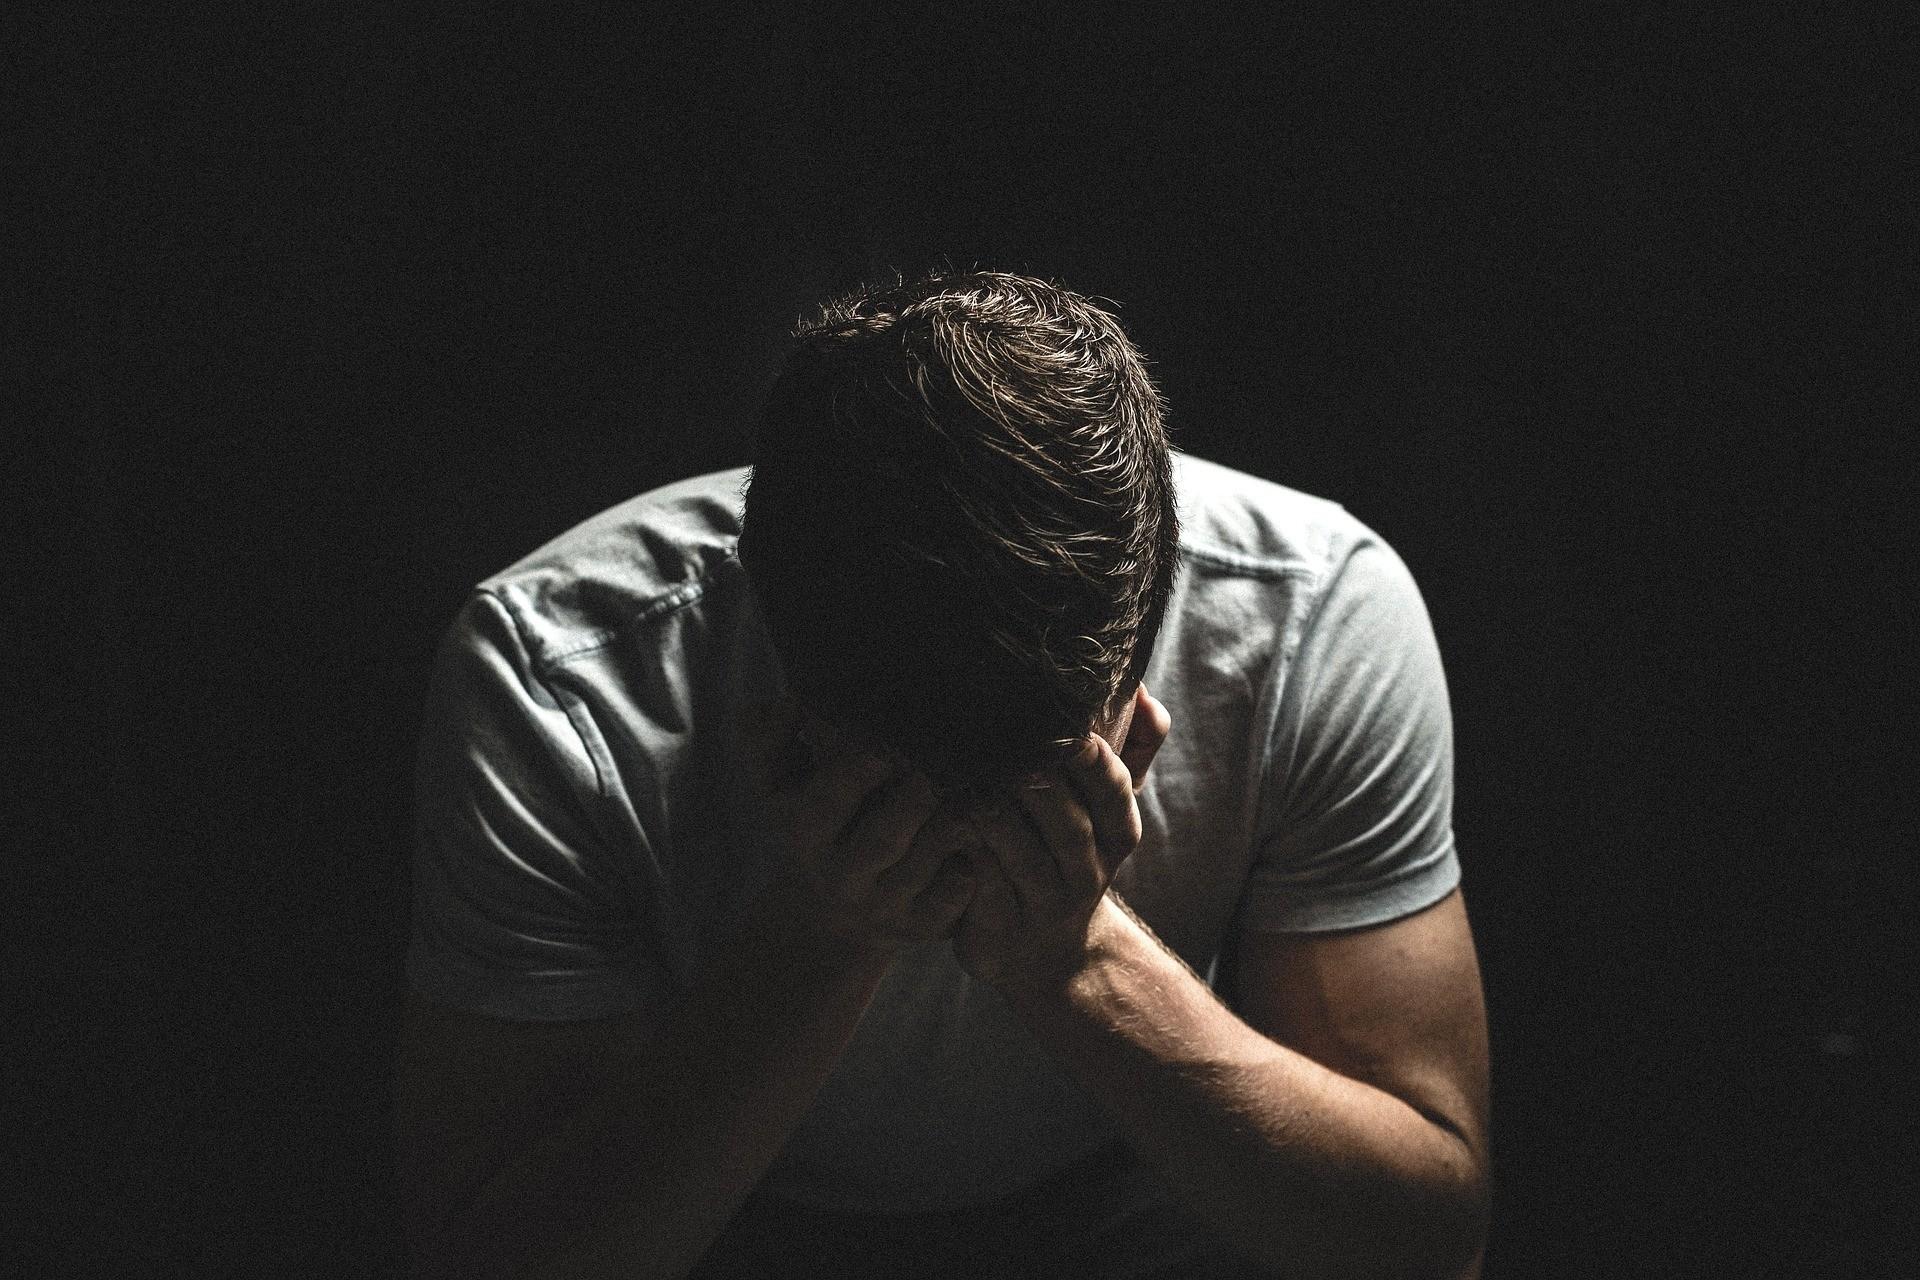 Ученые выяснили, что мужчины сильнее переживают физическую боль, чем женщины